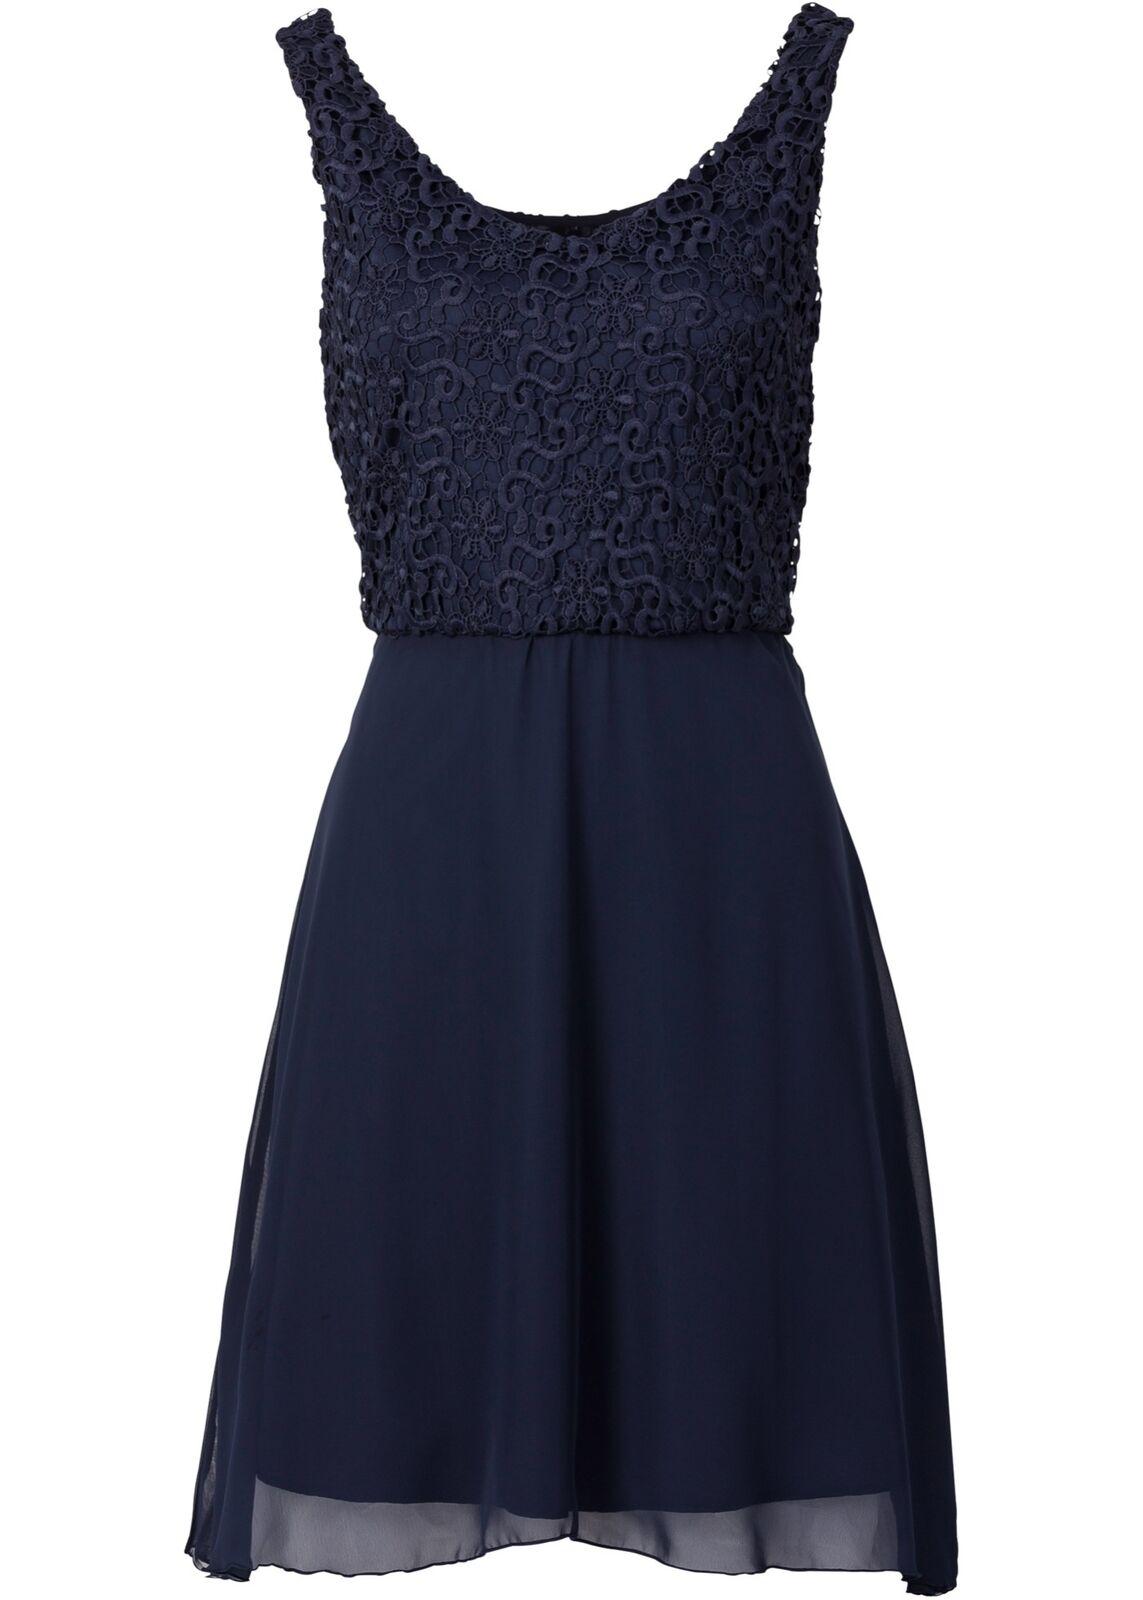 Kleid Gr. 38 Dunkelblau Damen Minikleid Partykleid Abendkleid Cocktailkleid Neu